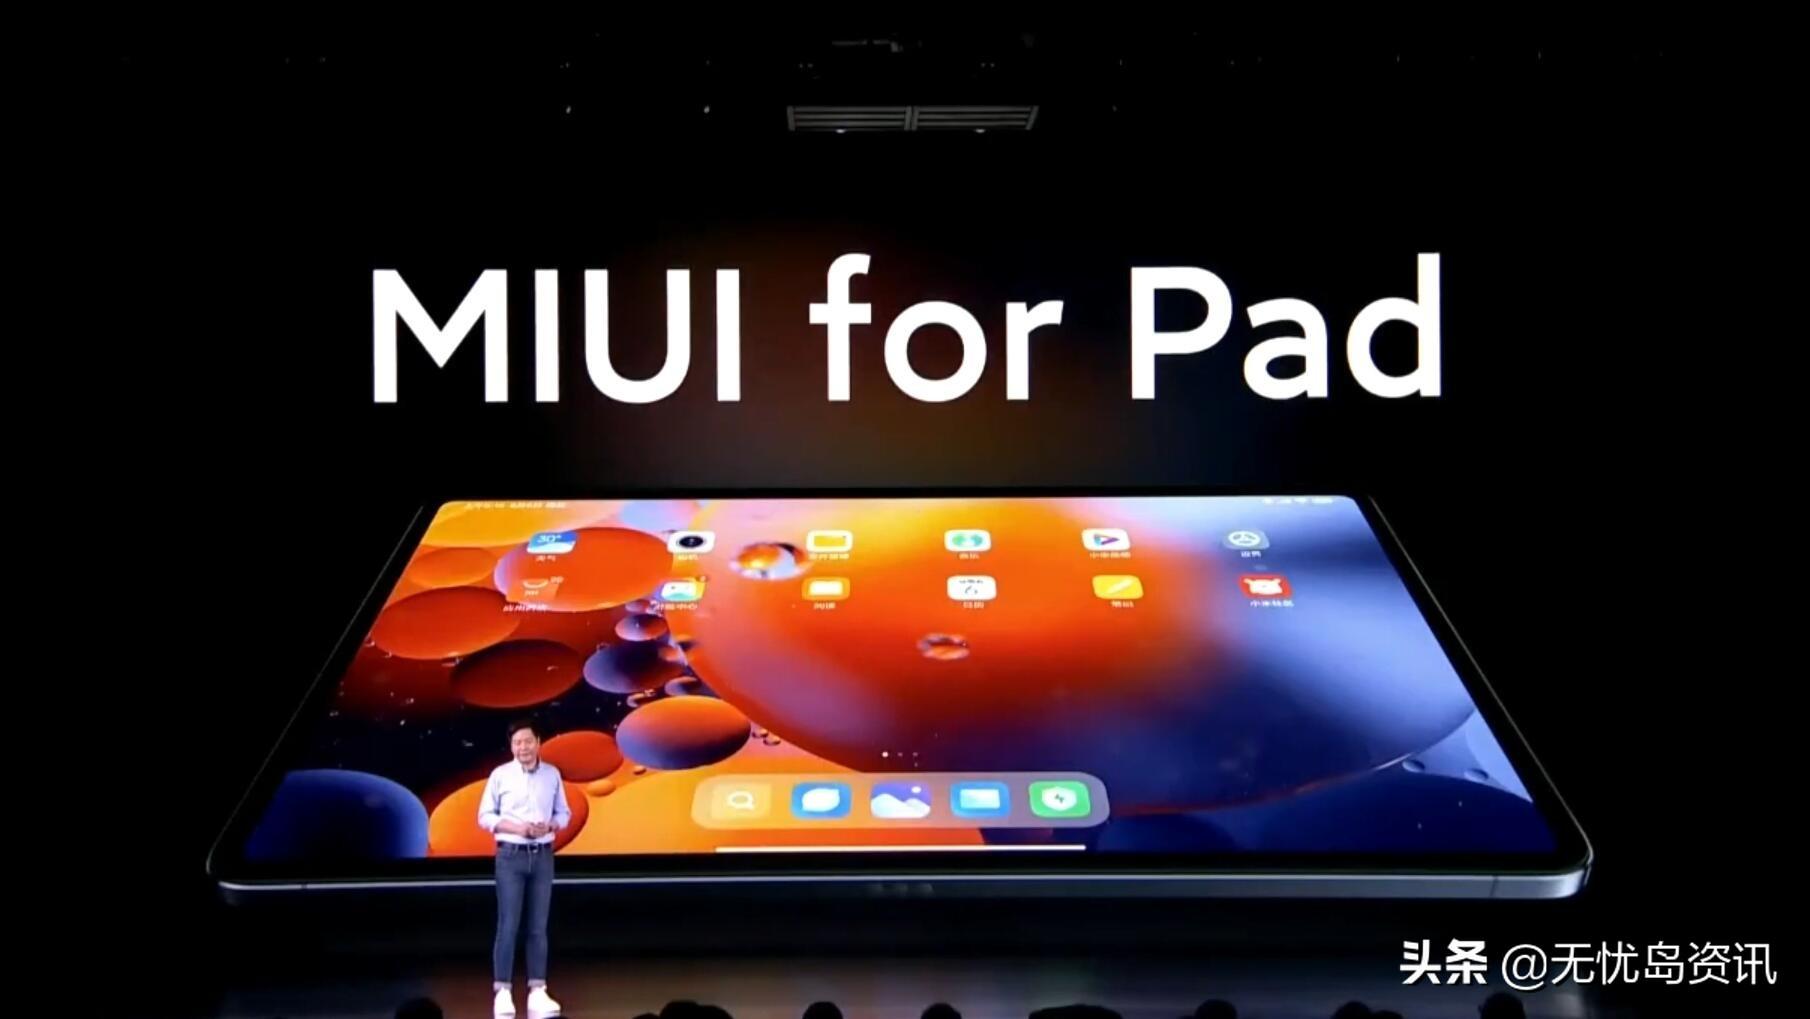 雷军对标iPad Pro而研发的小米平板5,究竟值不值得买呢? 京东特惠 第4张